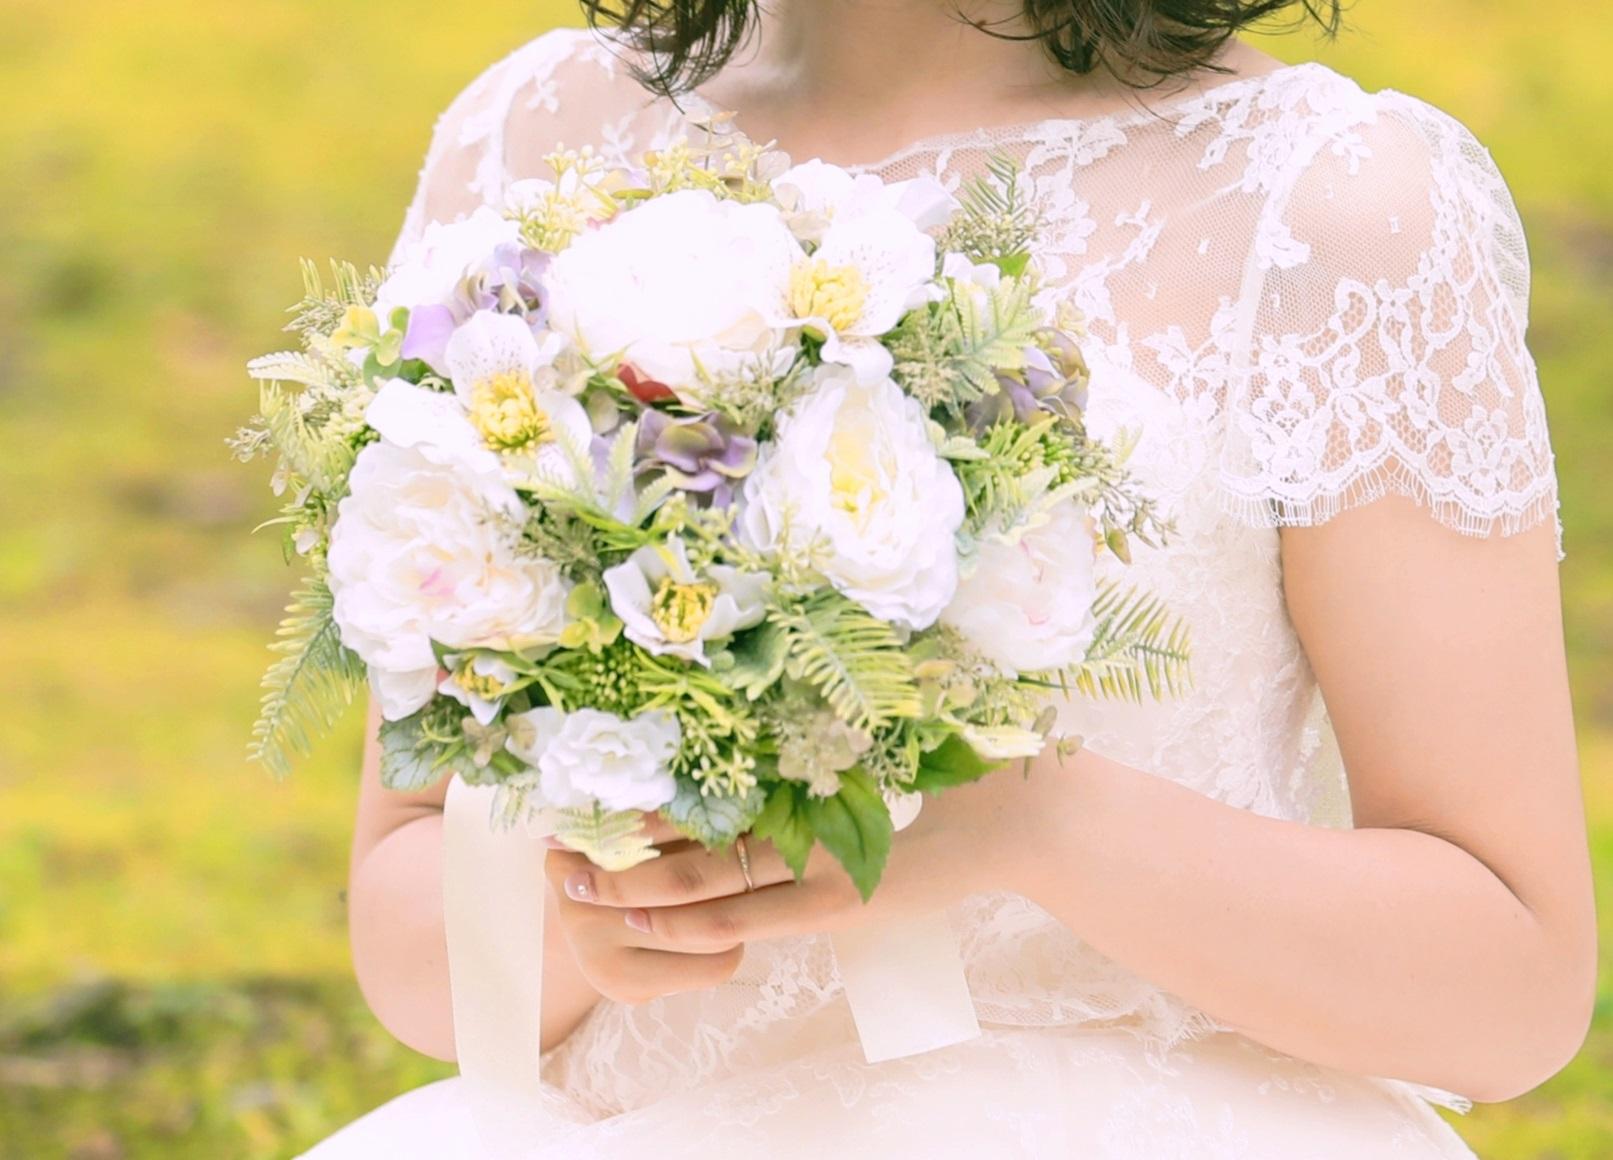 1人結婚式?!ソロウエディングができる東京のおすすめフォトスタジオ比較【結婚写真・フォトウェディング】